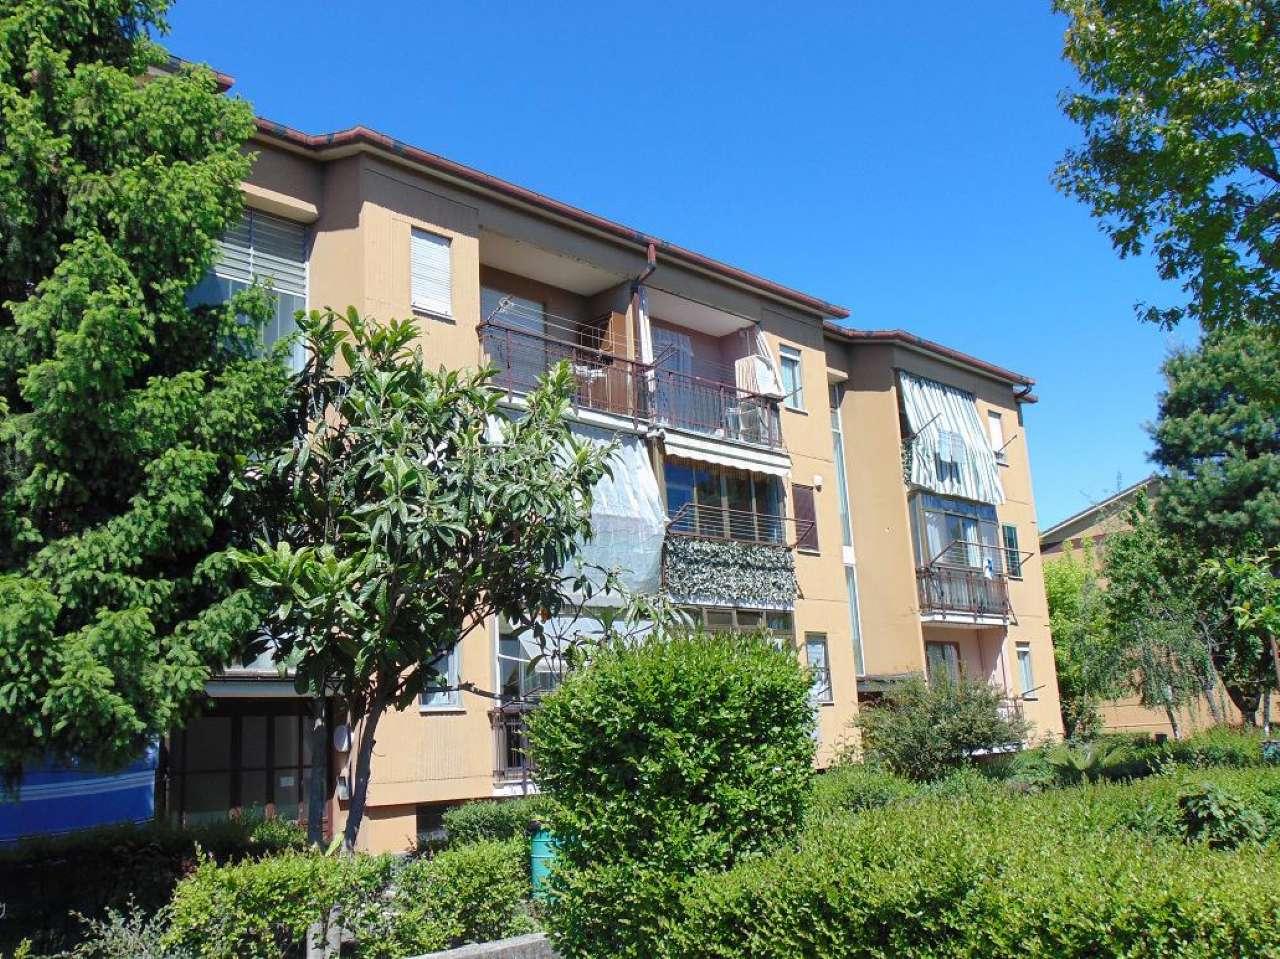 Appartamento in affitto a Rivalta di Torino, 3 locali, prezzo € 410   PortaleAgenzieImmobiliari.it